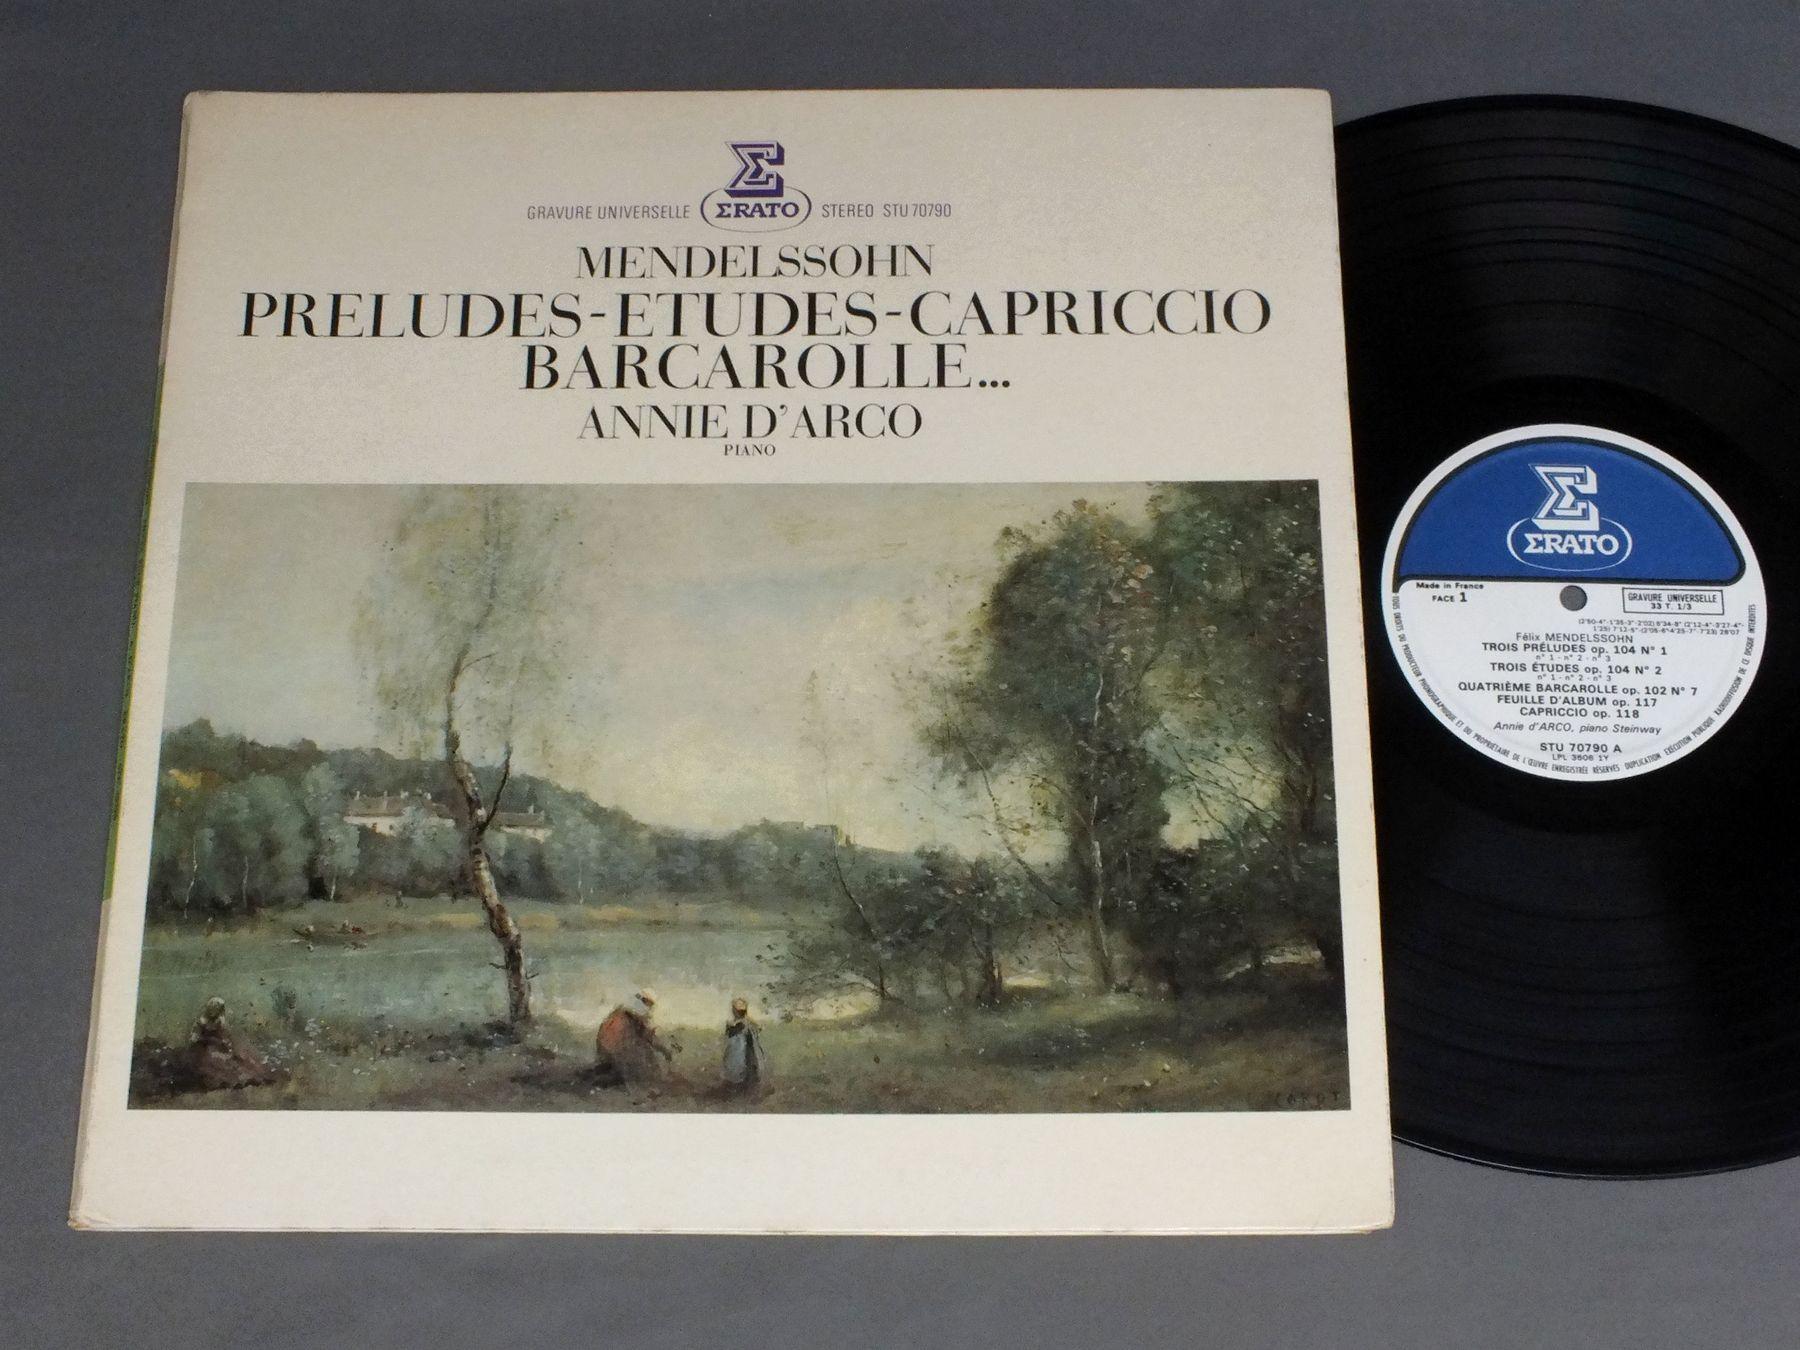 annie d`arco mendelssohn - preludes-etudes-capriccio barcarollec